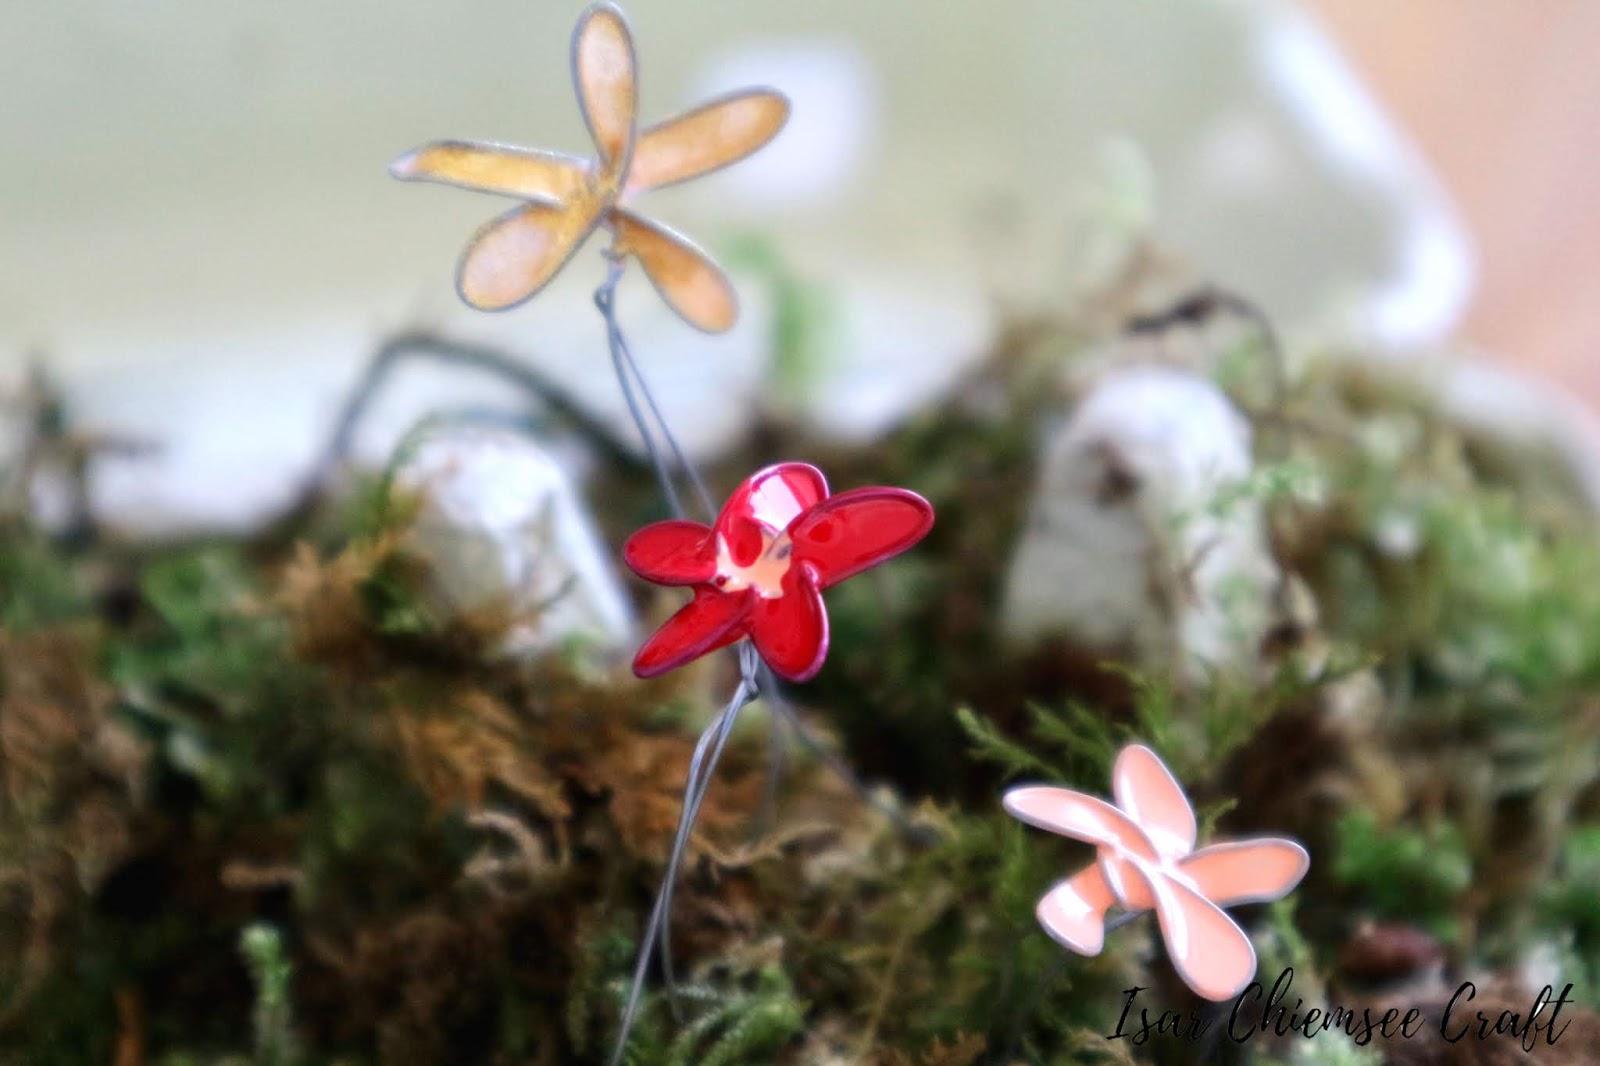 DIY mit Nagellack: dekorative Drahtblumen